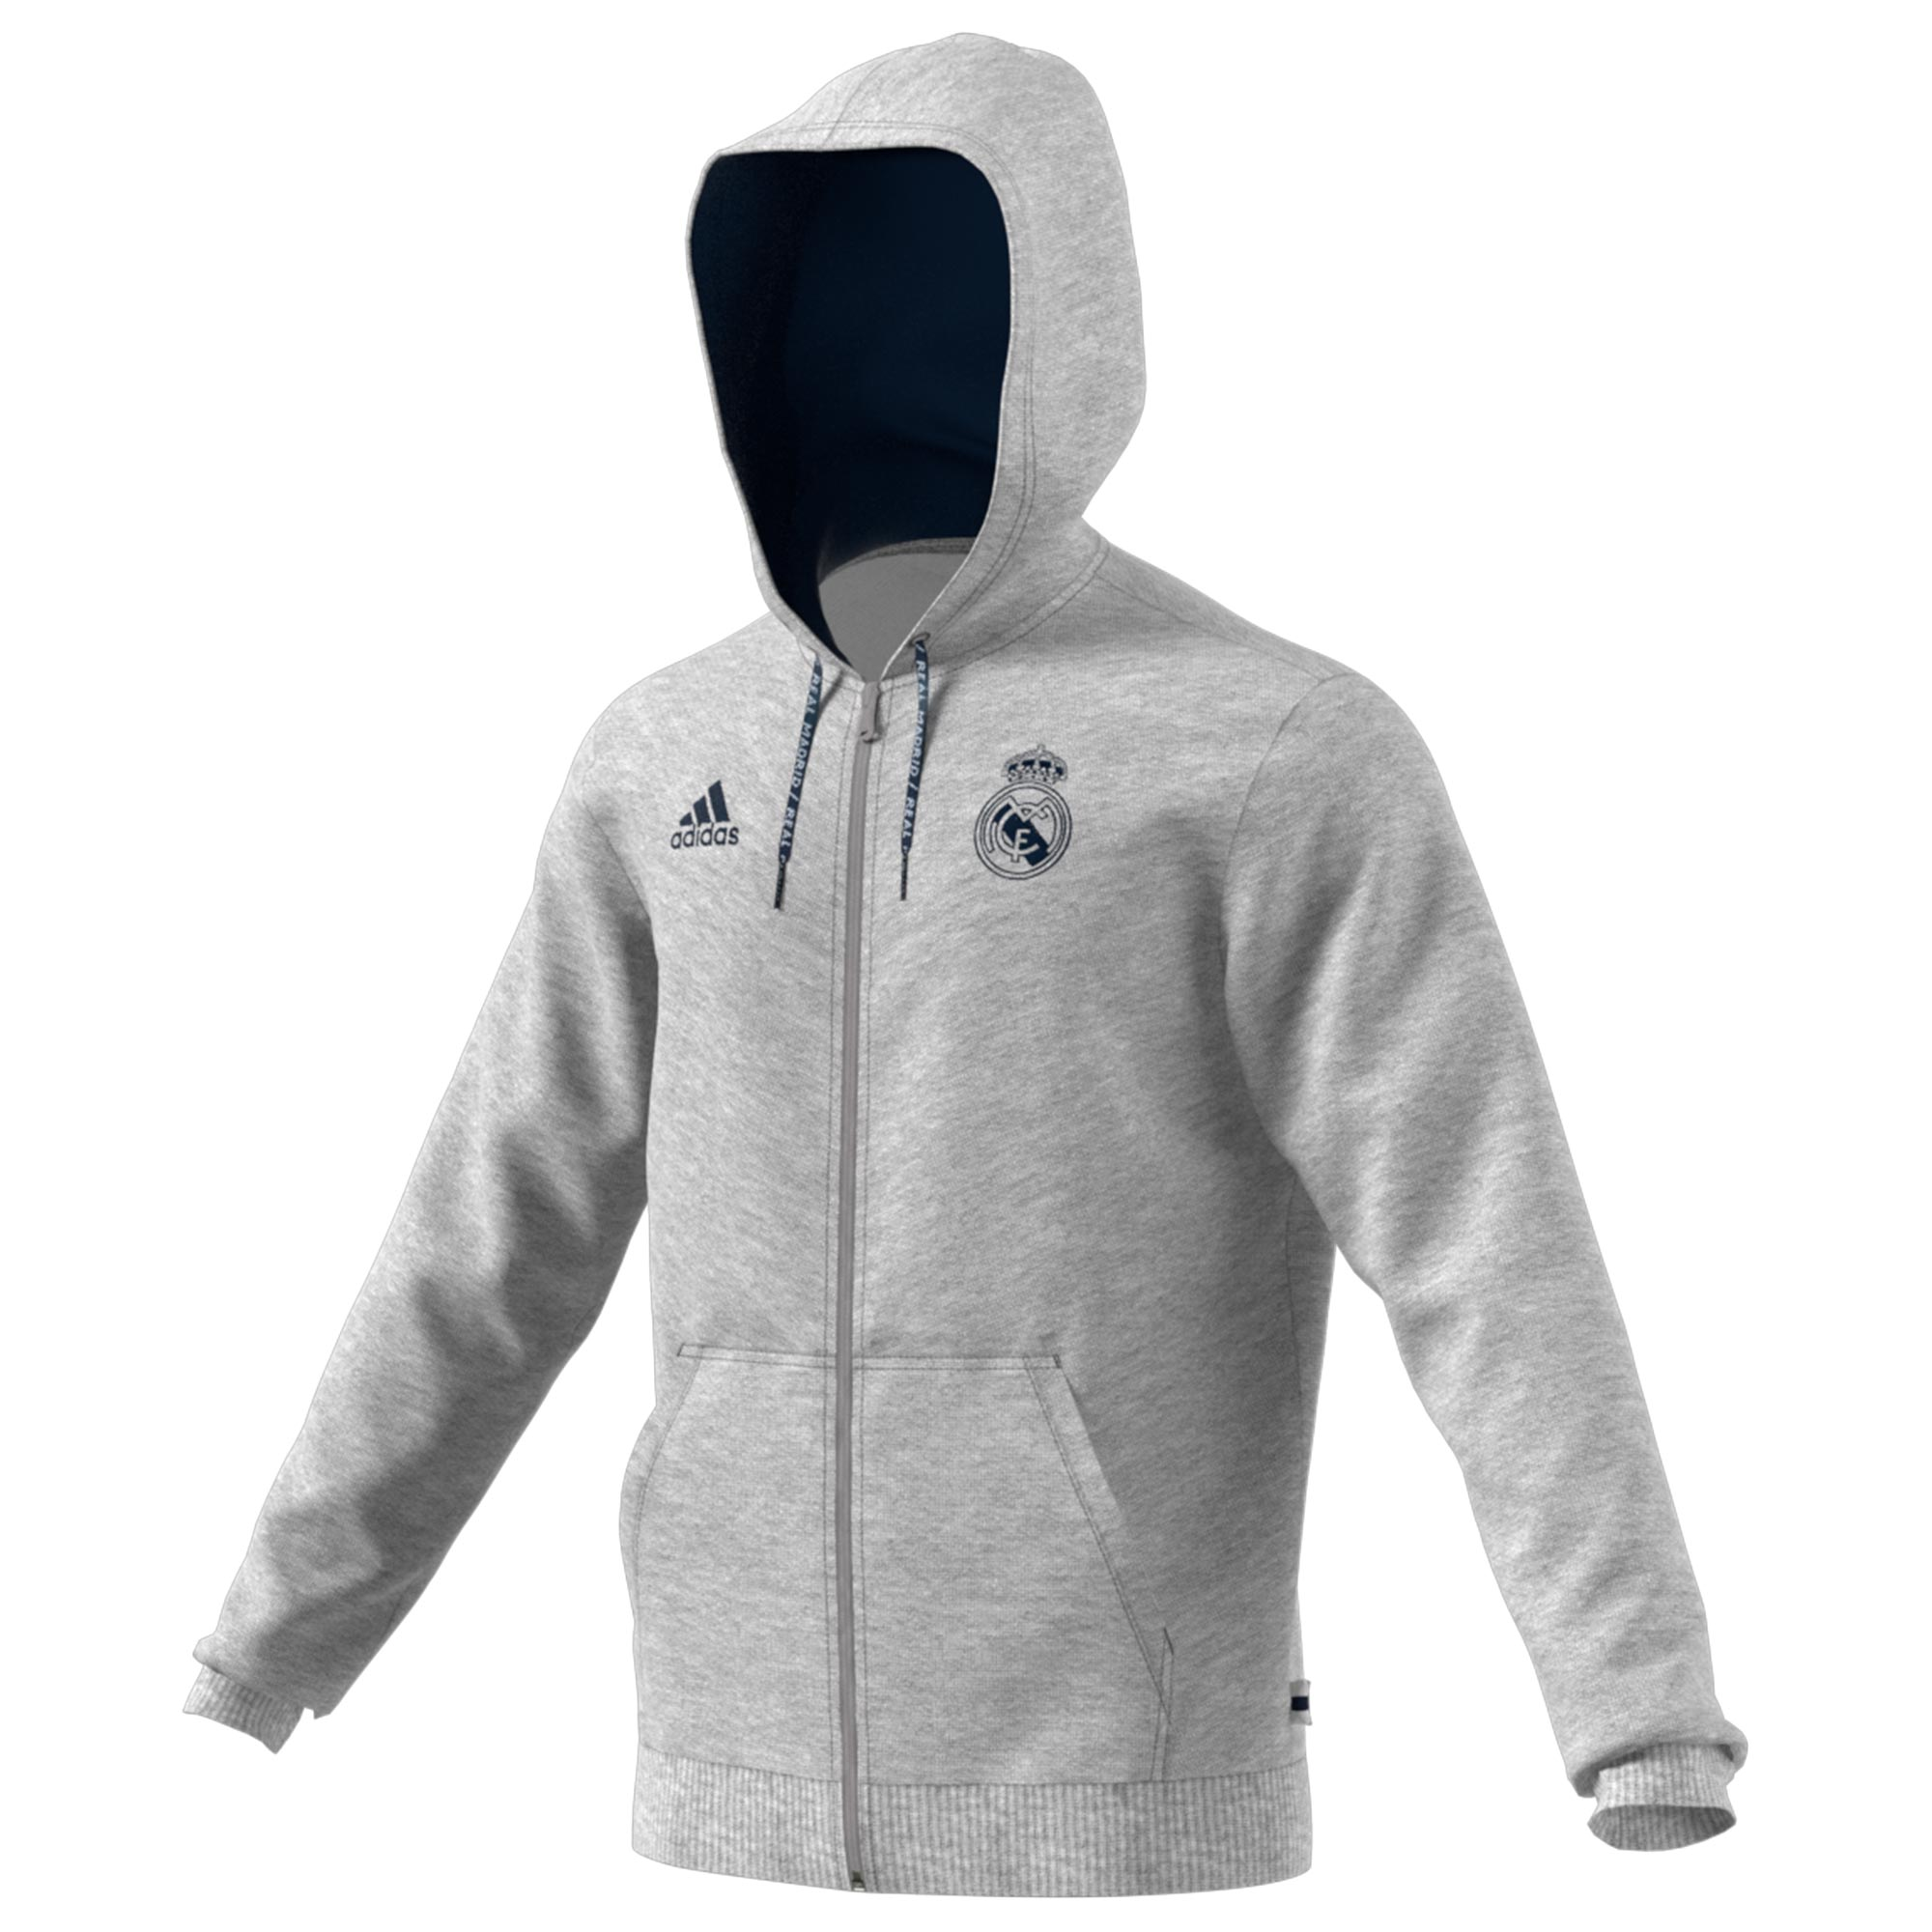 Sudadera con capucha y cremallera completa del Real Madrid gris jaspeada